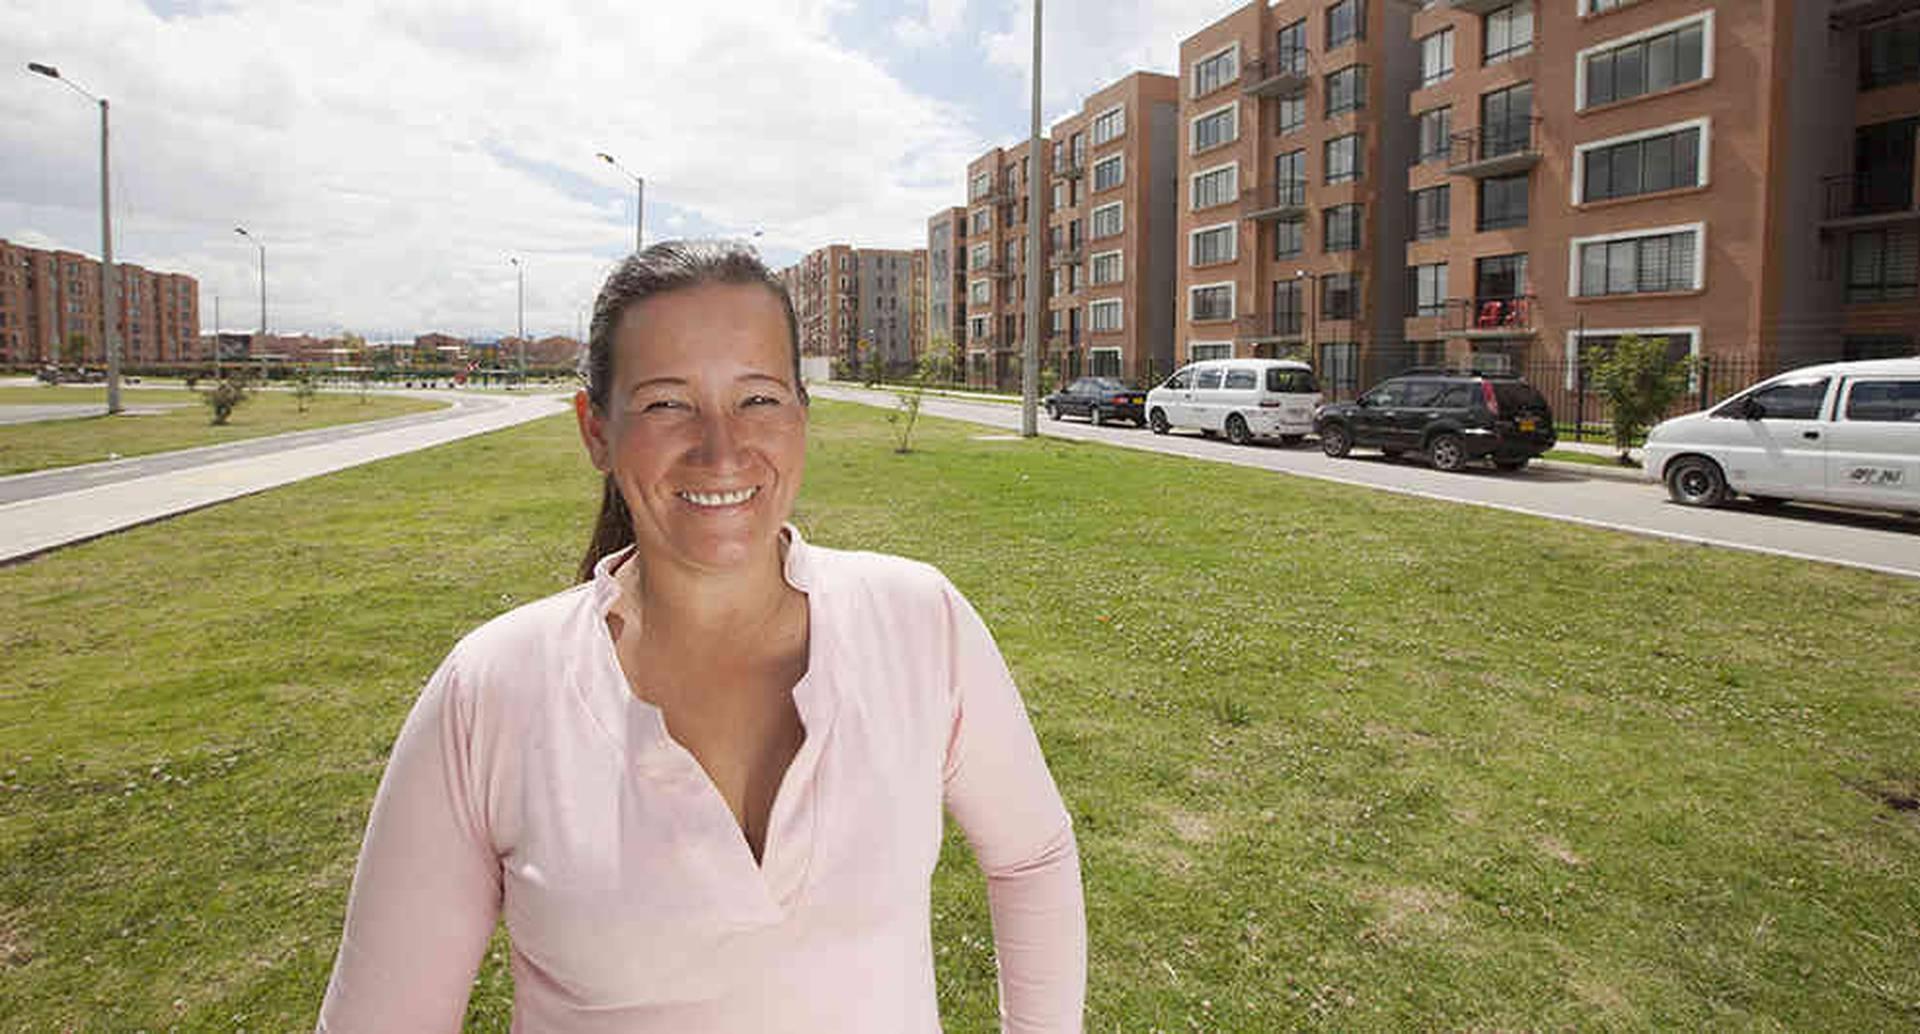 El proyecto se desarrolla en tiempo record. Para el primer año ya habían sido entregados 2.304 apartamentos.